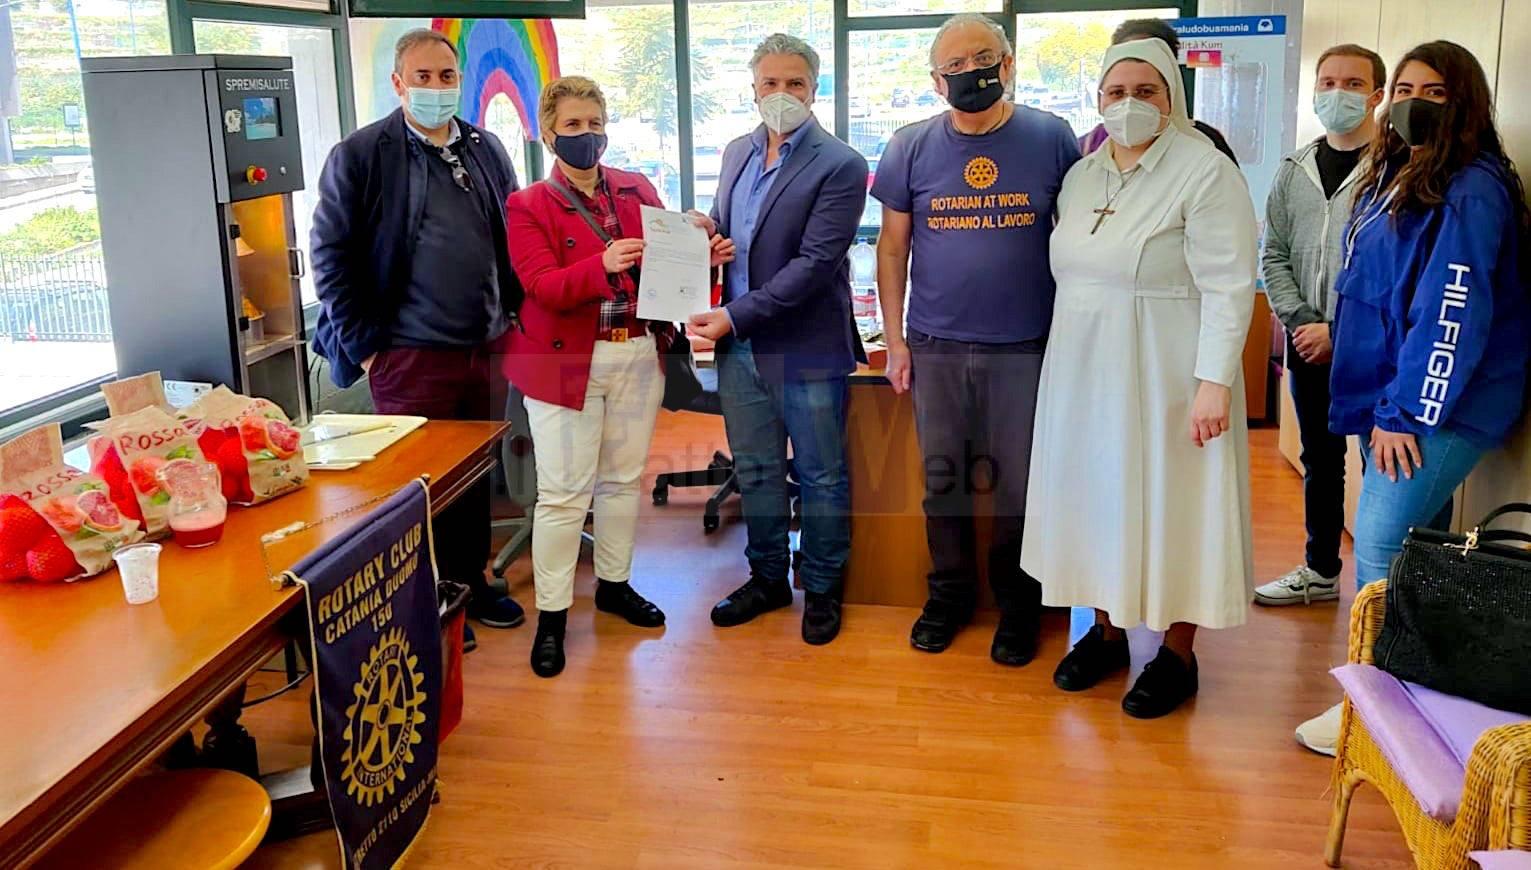 Solidarietà: Rotariani e militari americani della NAS Sigonella al Talità Kum di Librino per un progetto di pulizia straordinaria